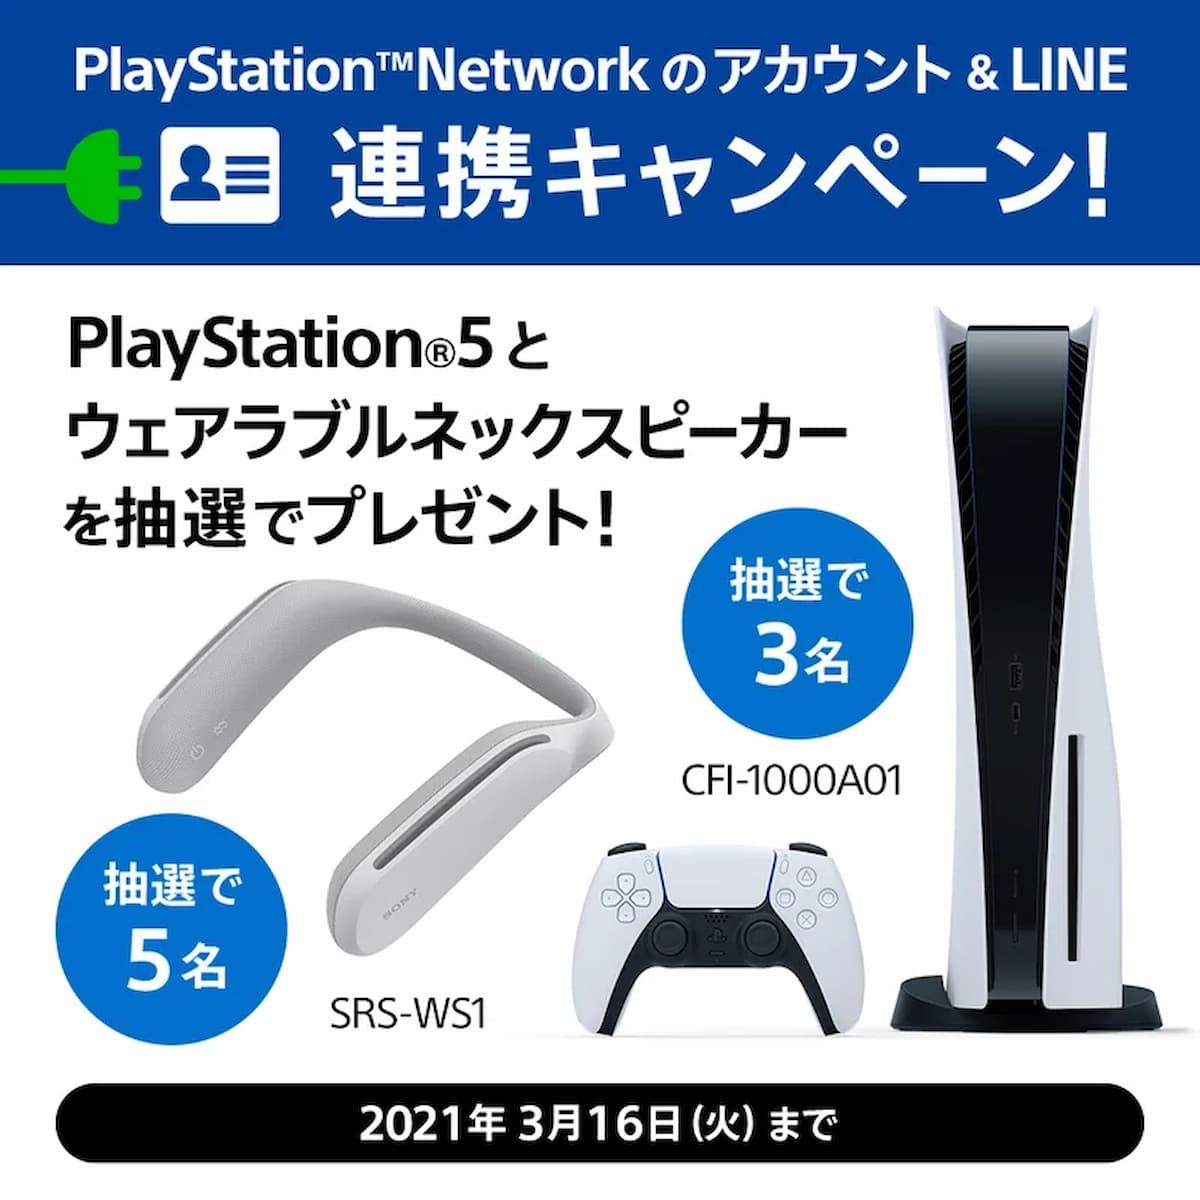 PSNのアカウント&LINE連携キャンペーン第2弾